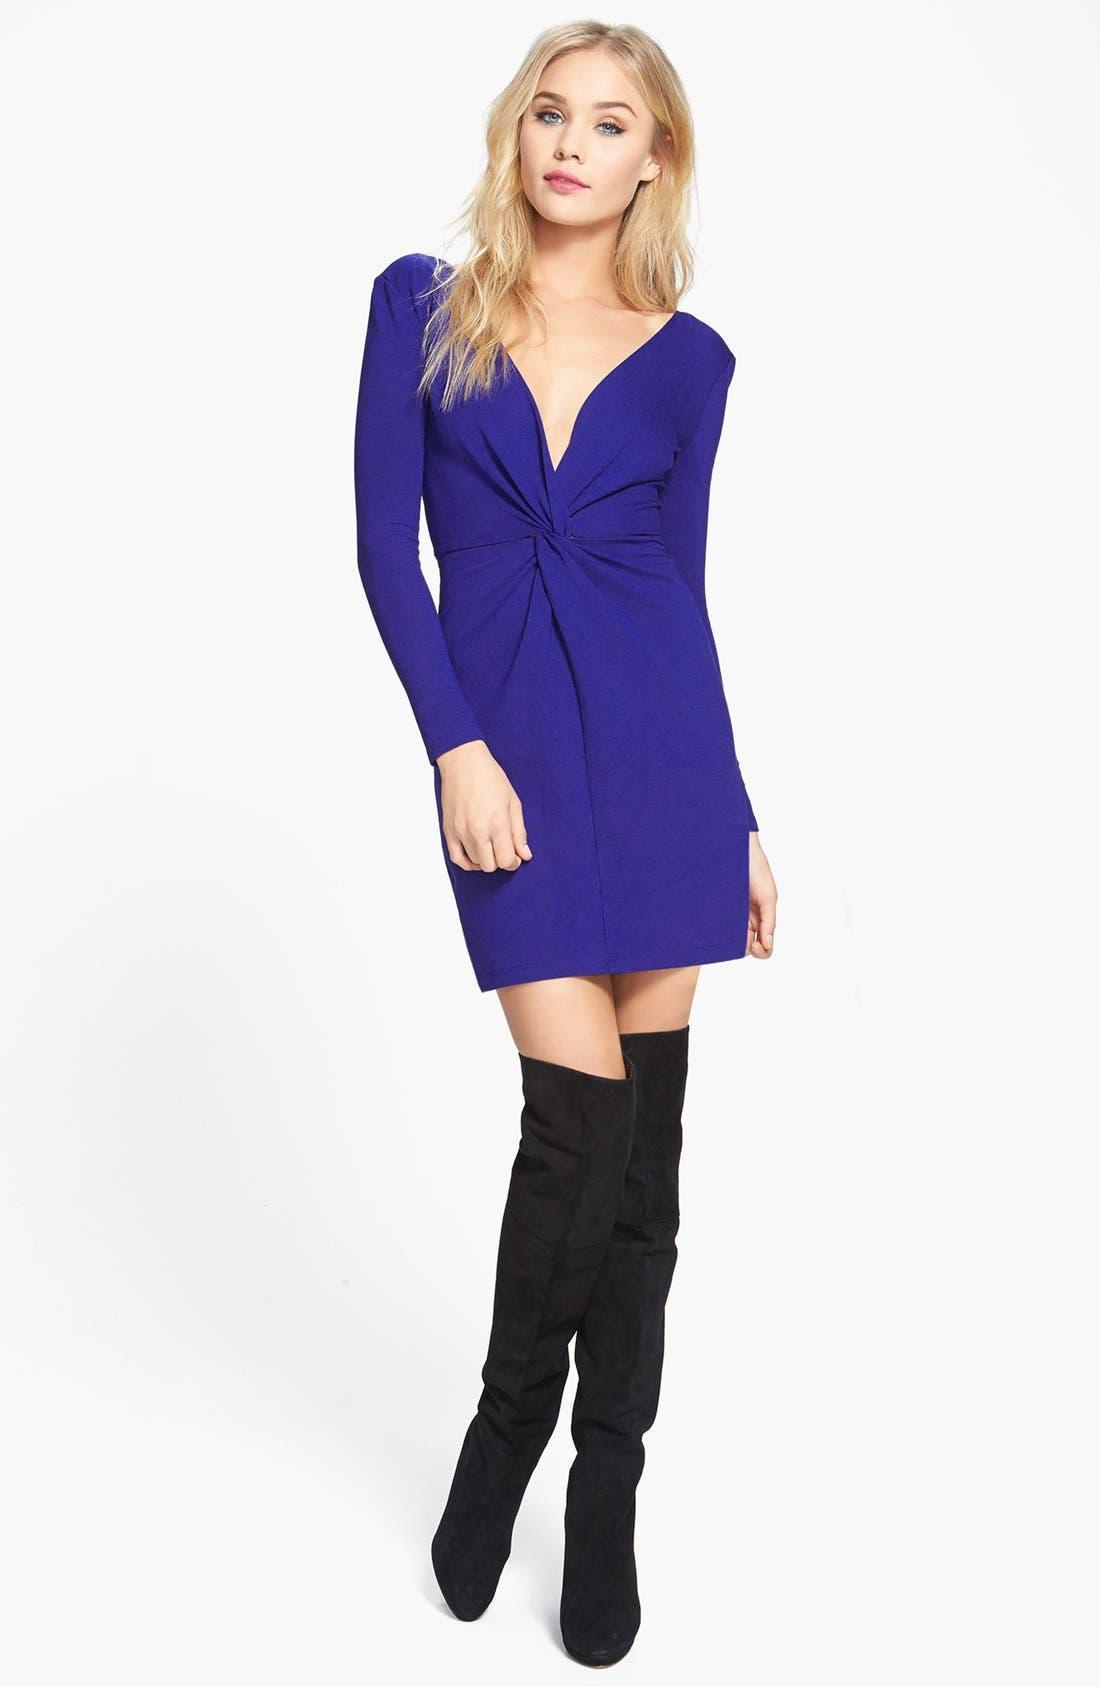 Alternate Image 1 Selected - June & Hudson Twist Front Ponte Dress